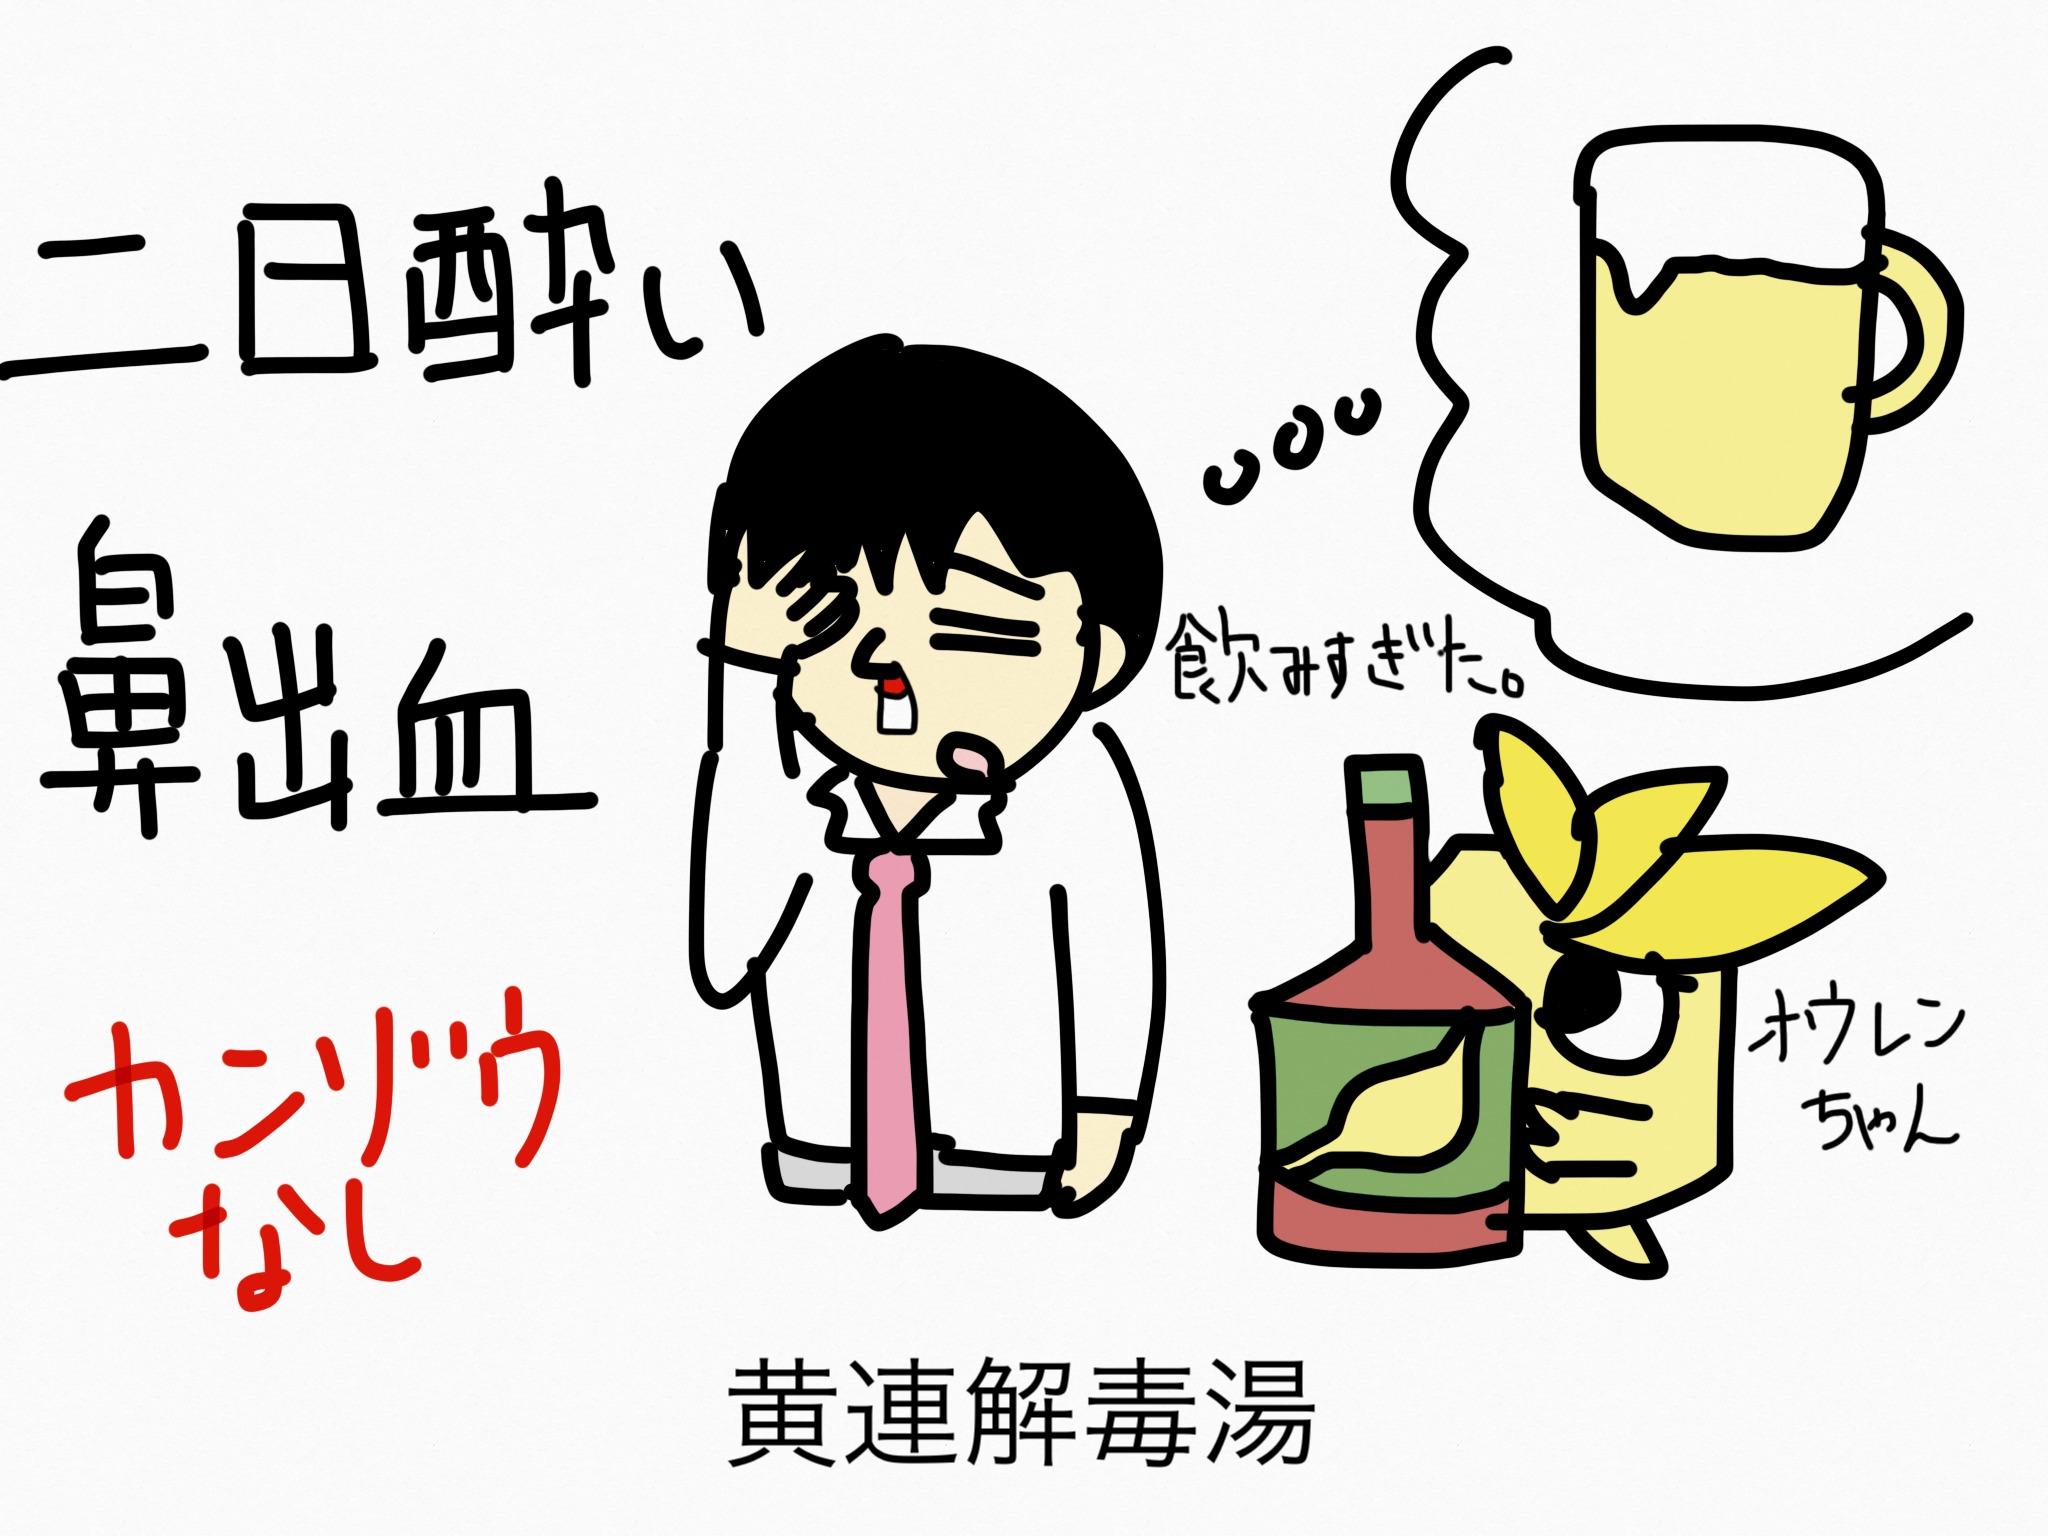 黄連解毒湯(おうれんげどくとう)[二日酔い]【漢方の覚え方】